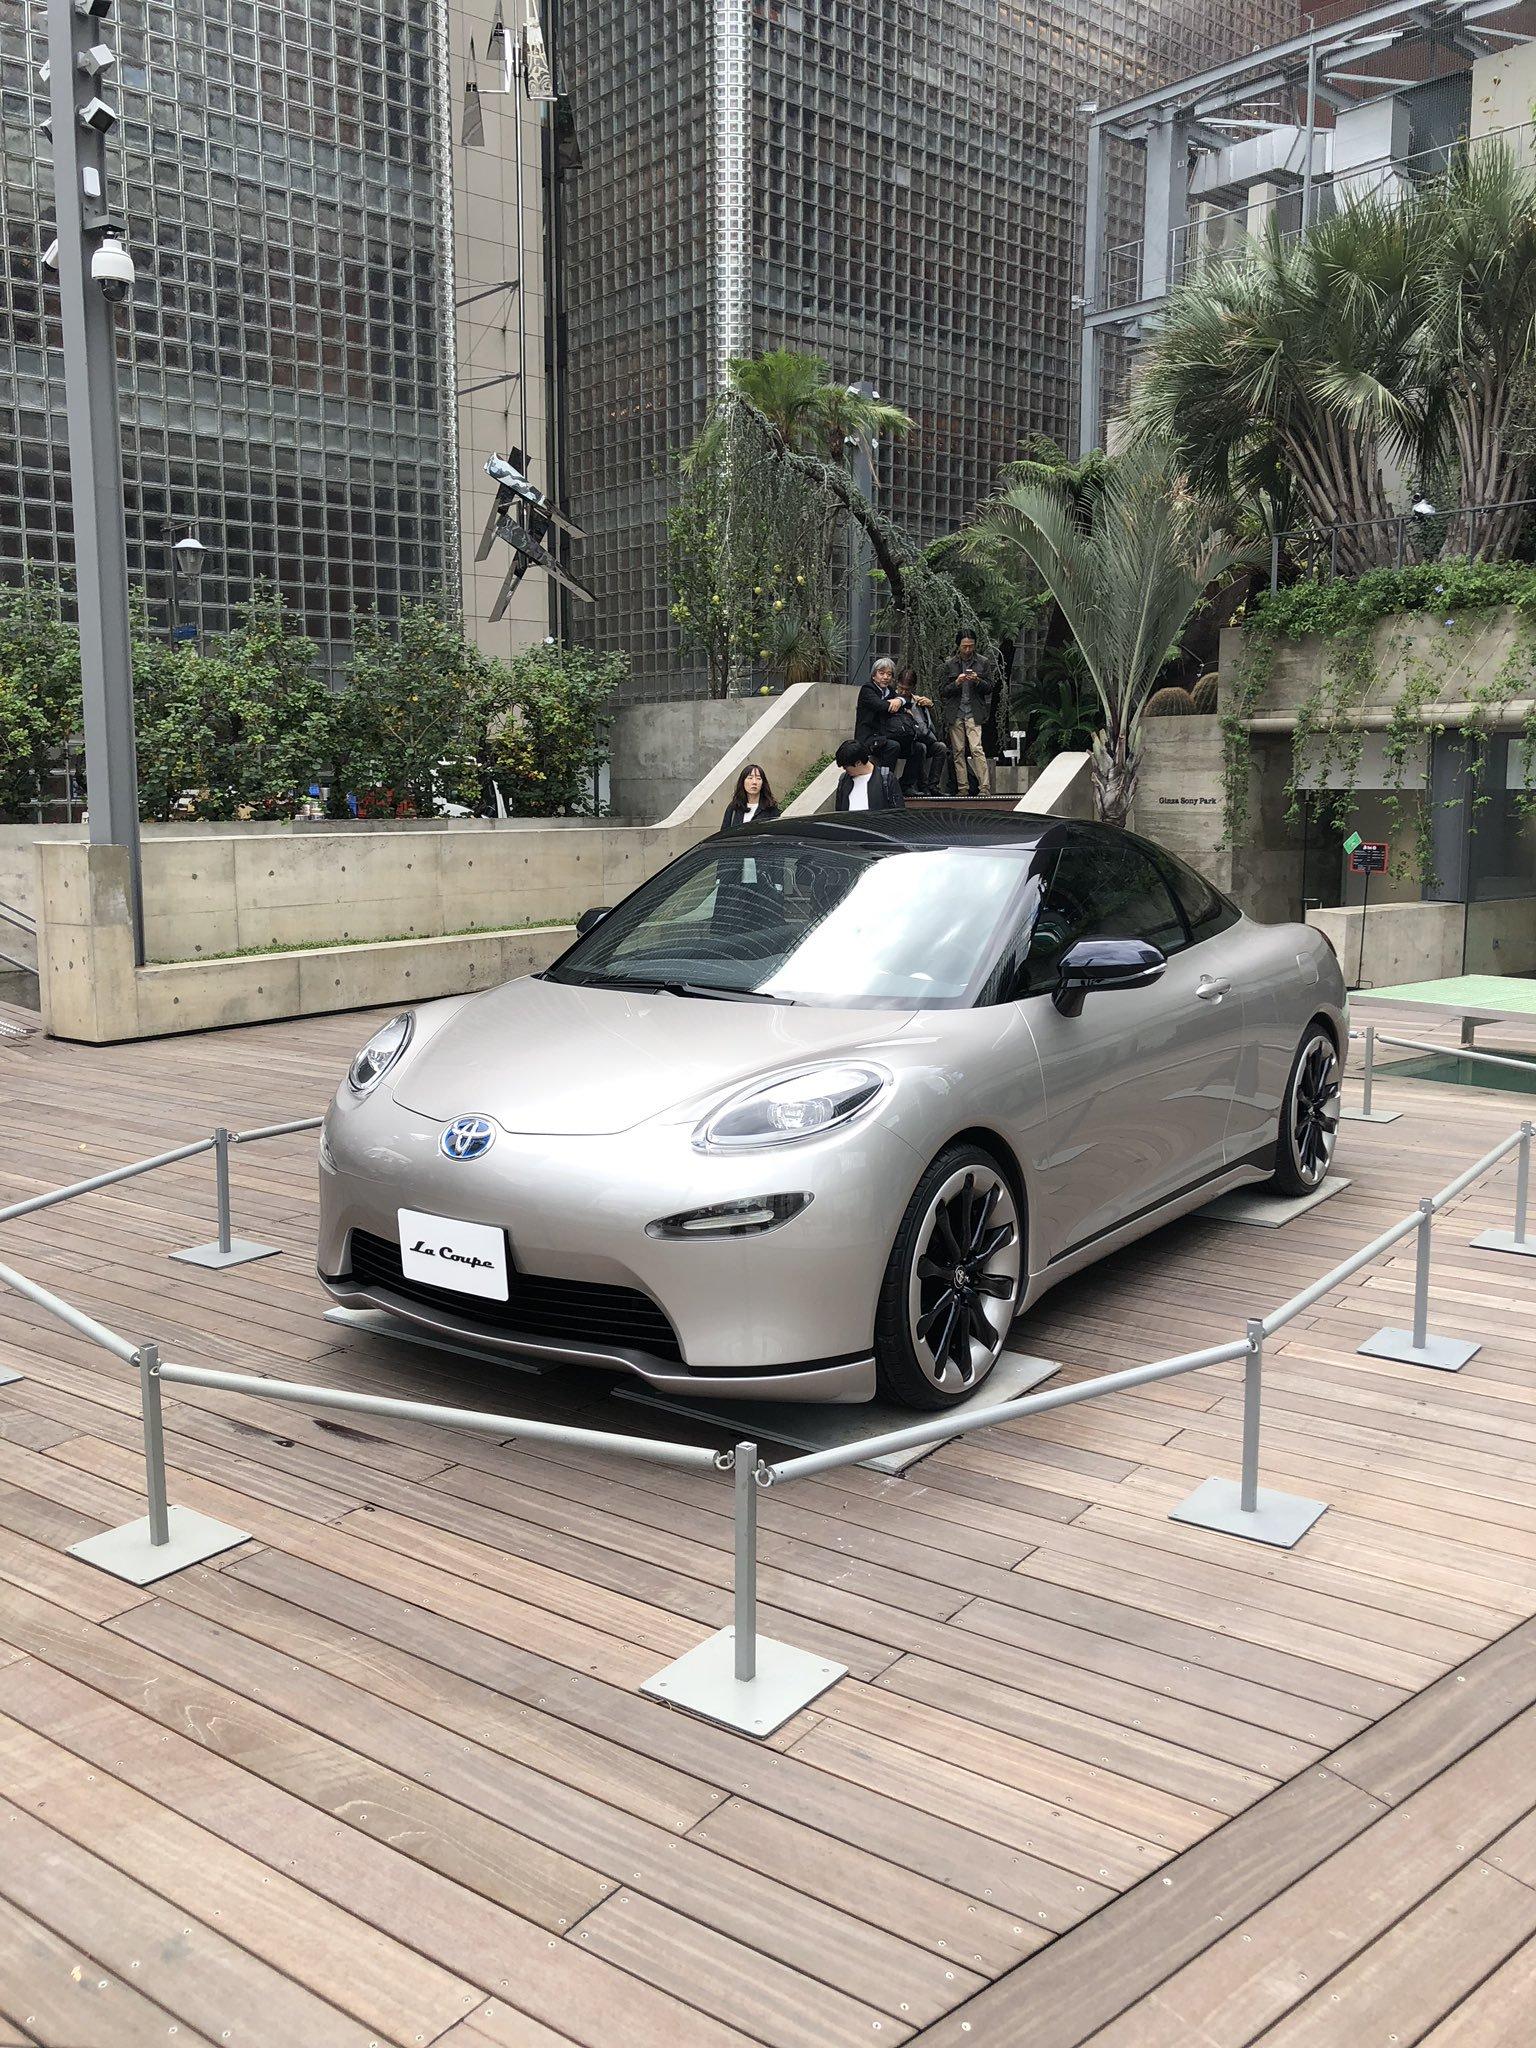 Toyota-La-Coupe-Prototype-23